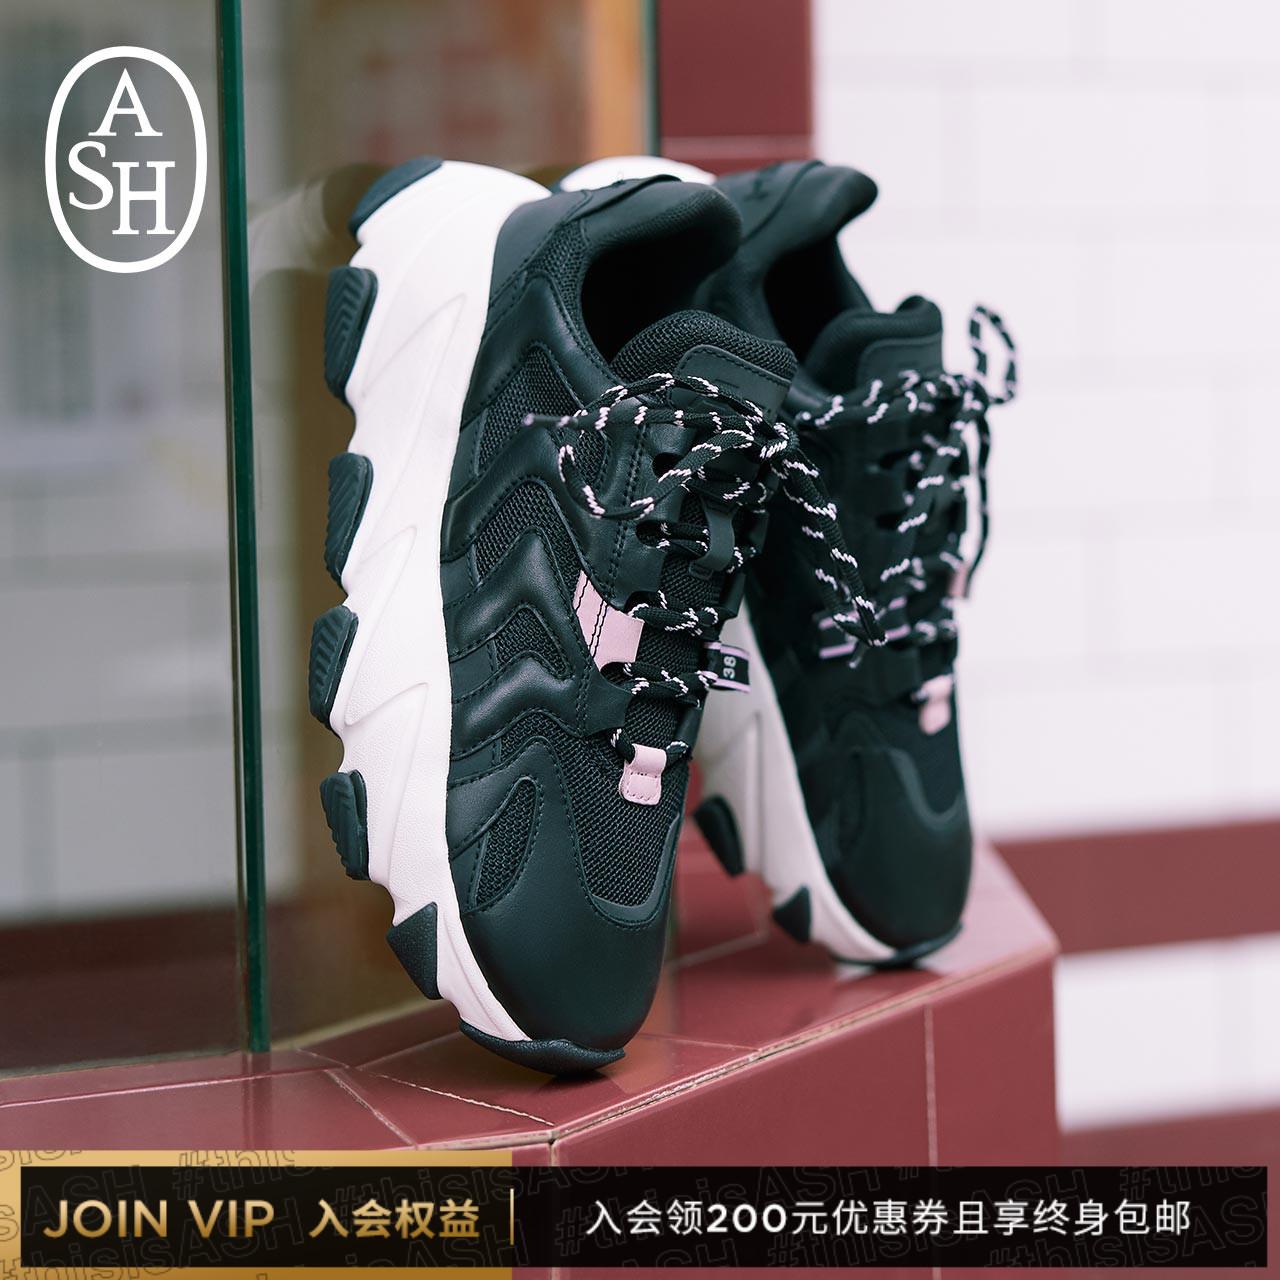 ASH女鞋2019秋季新品EXTREME系列时尚潮流运动增高鞋低帮老爹鞋女